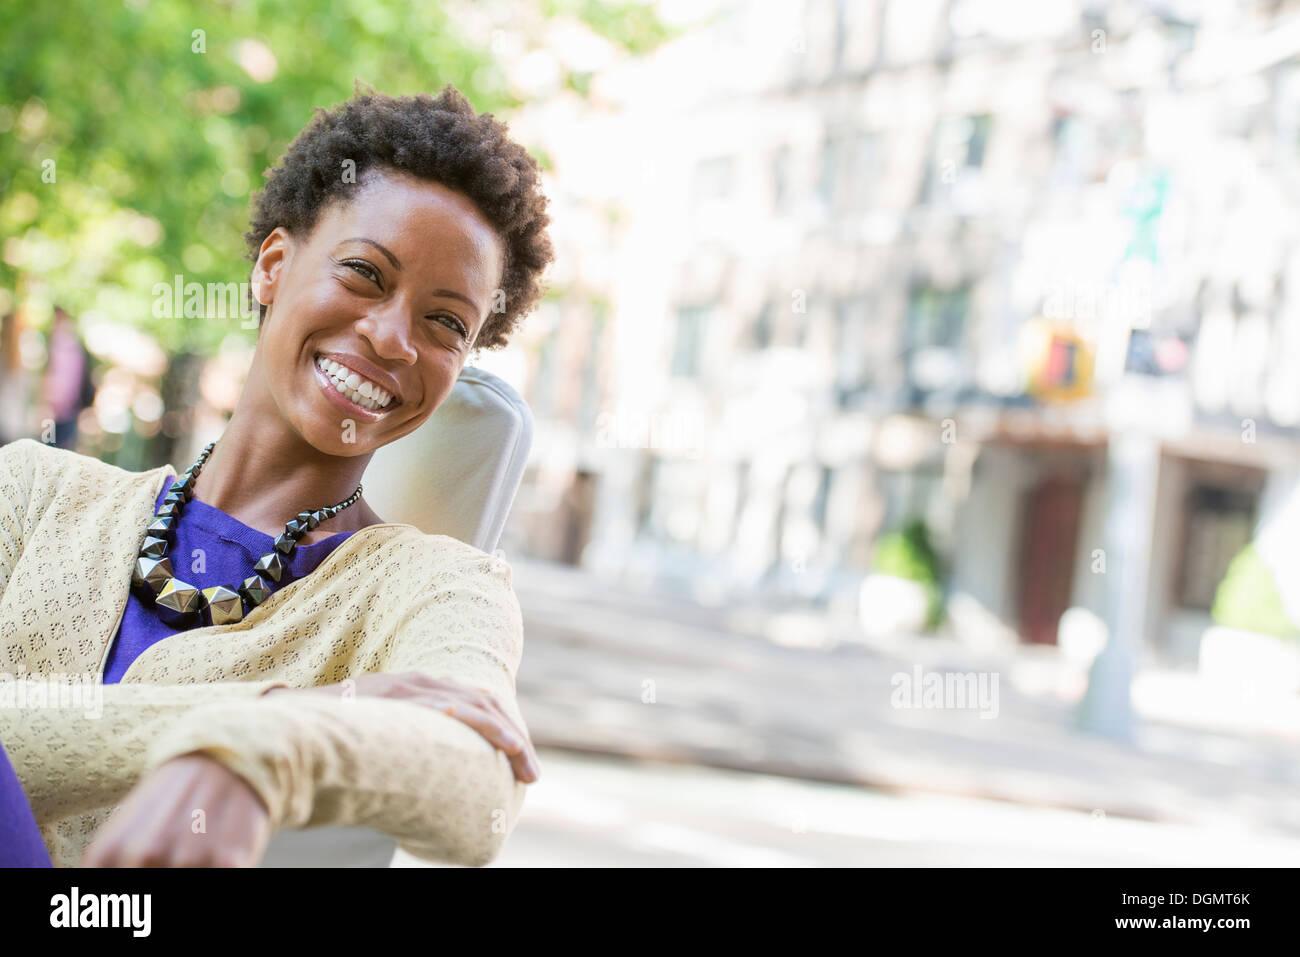 La vie en ville. Une femme assise à l'air libre dans un parc de la ville. Banque D'Images